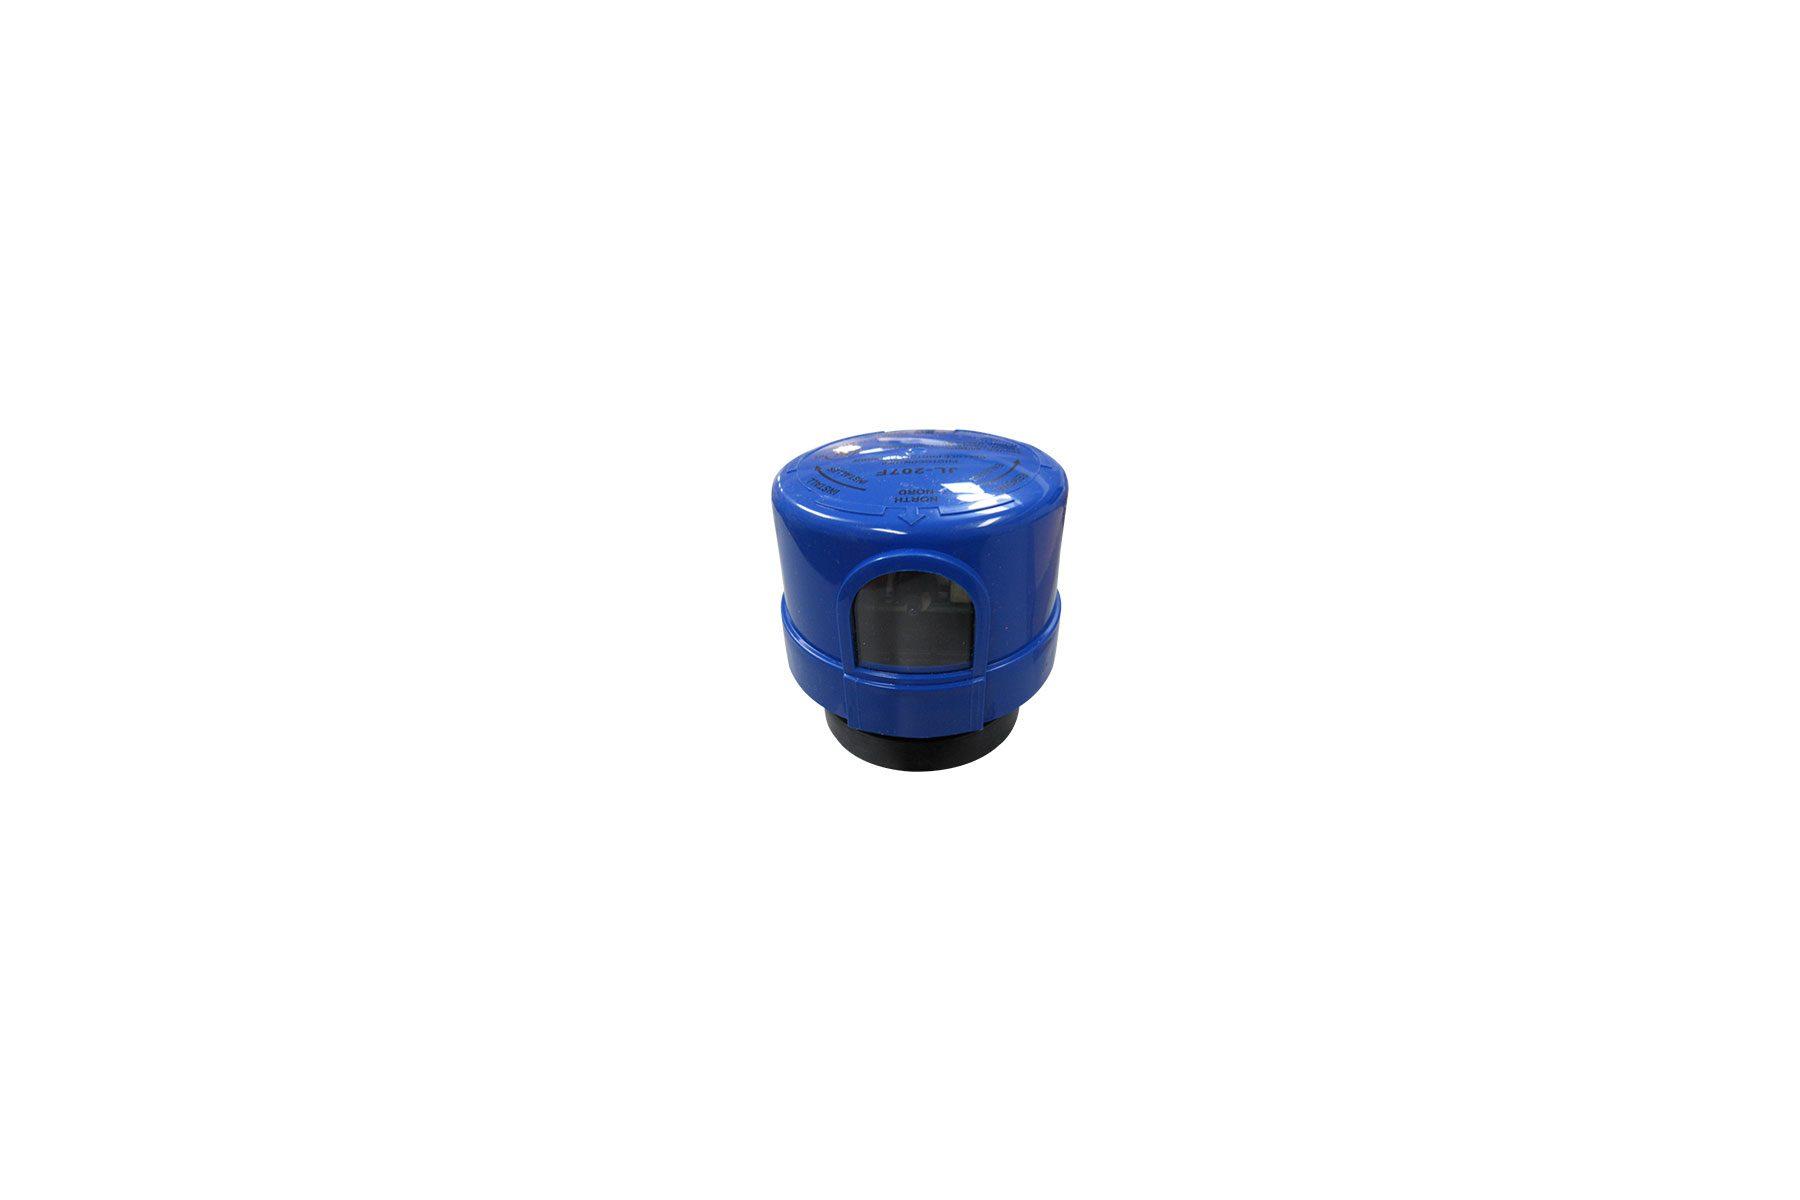 Photocell 120 - 277V for FLH43 LED Flood Light Socket Base Included